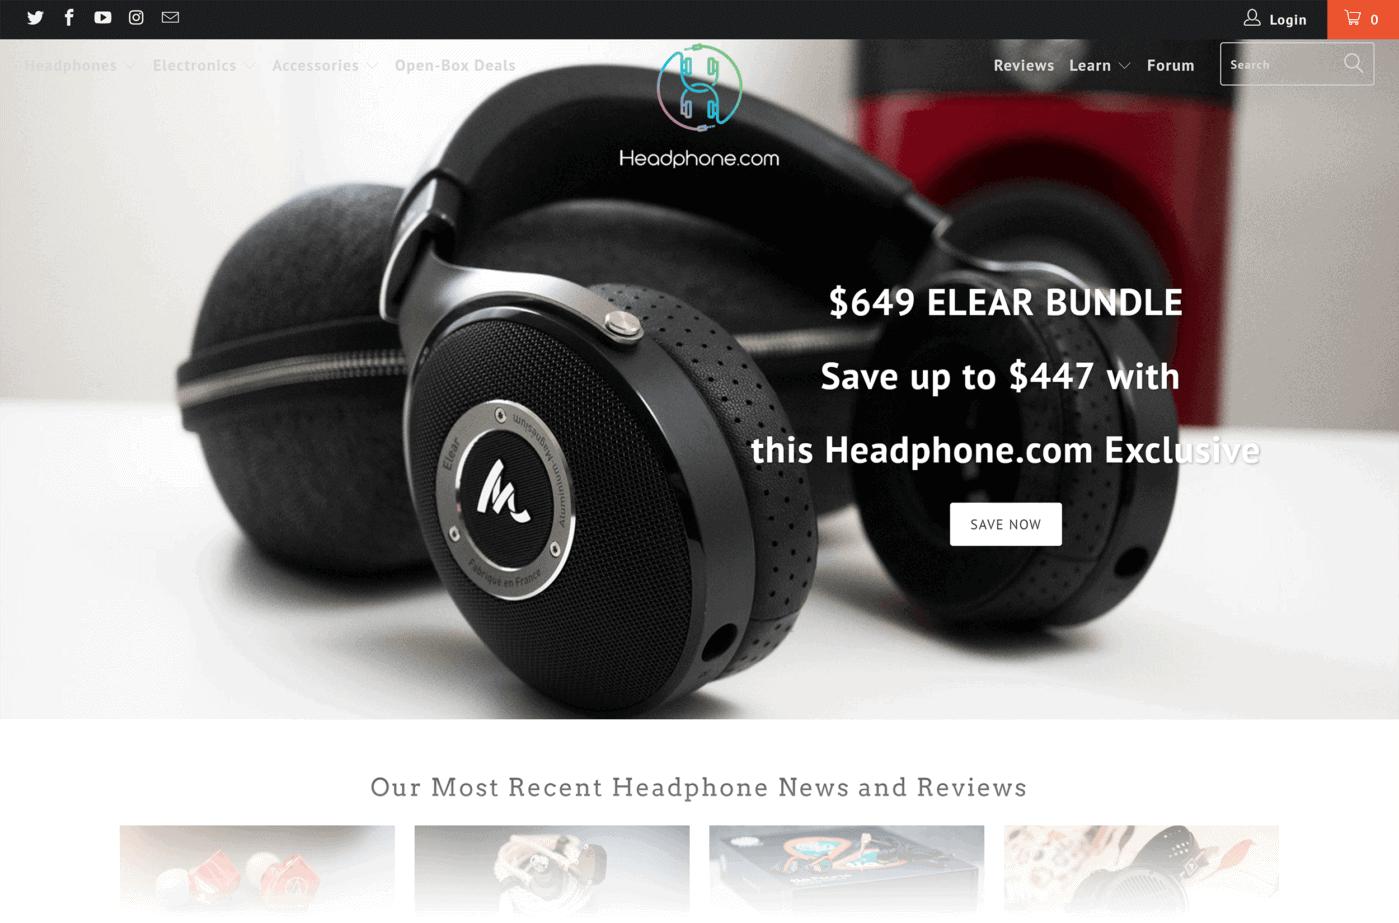 Headphone site